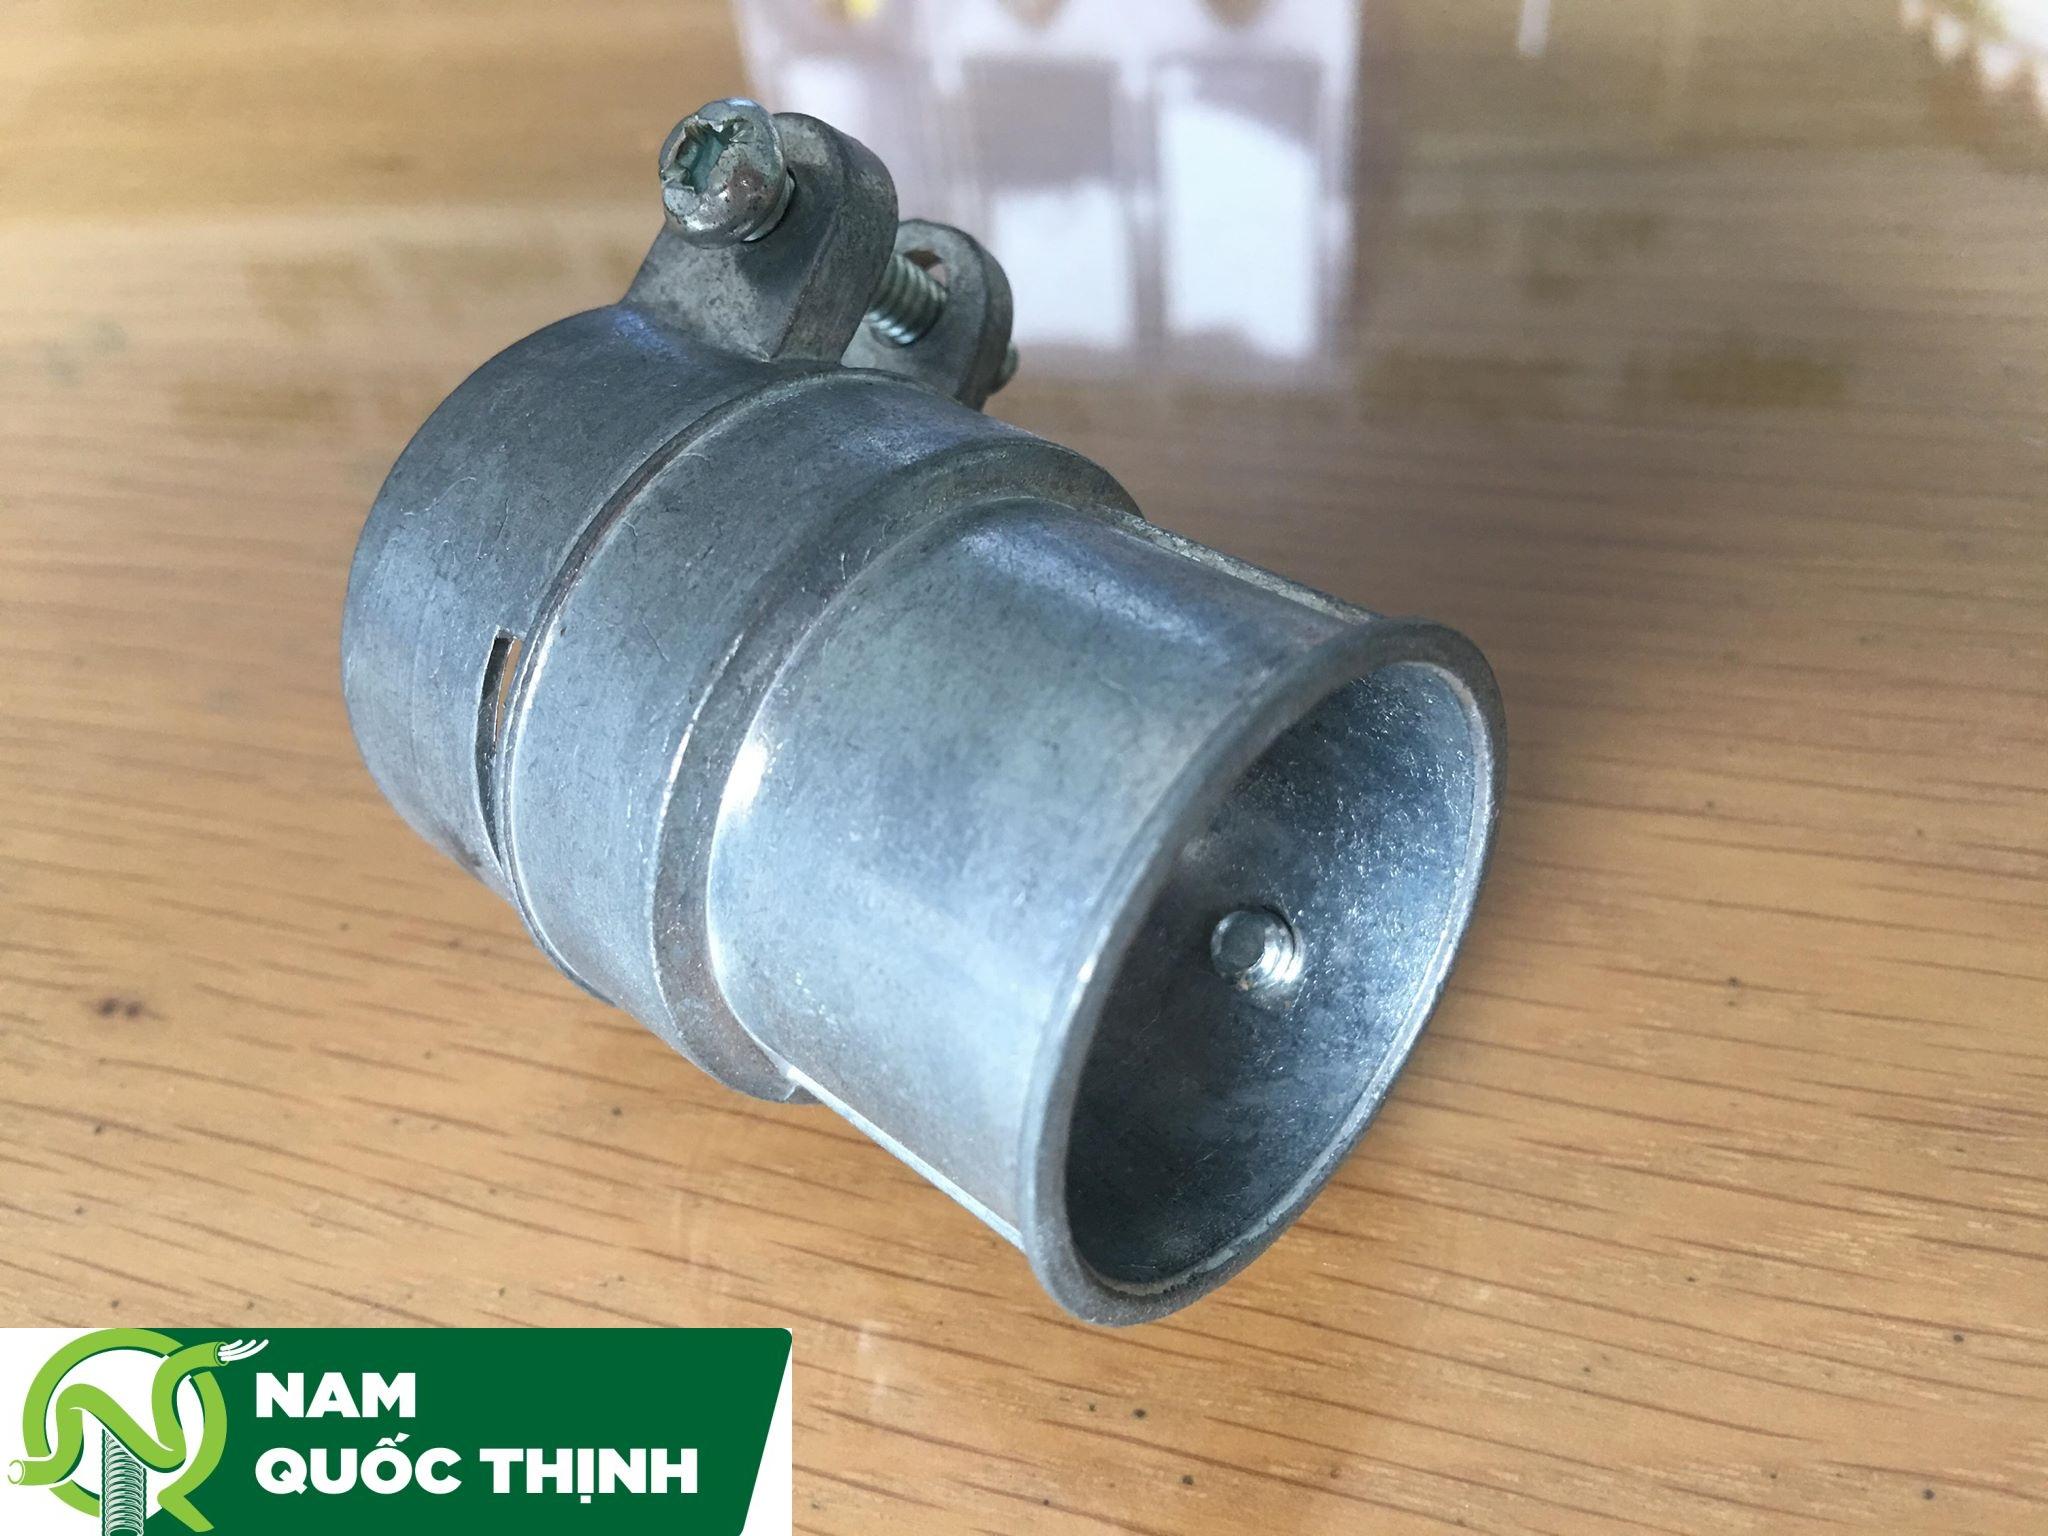 Đầu Nối Ống Ruột Gà Với Ống Thép trơn IMC